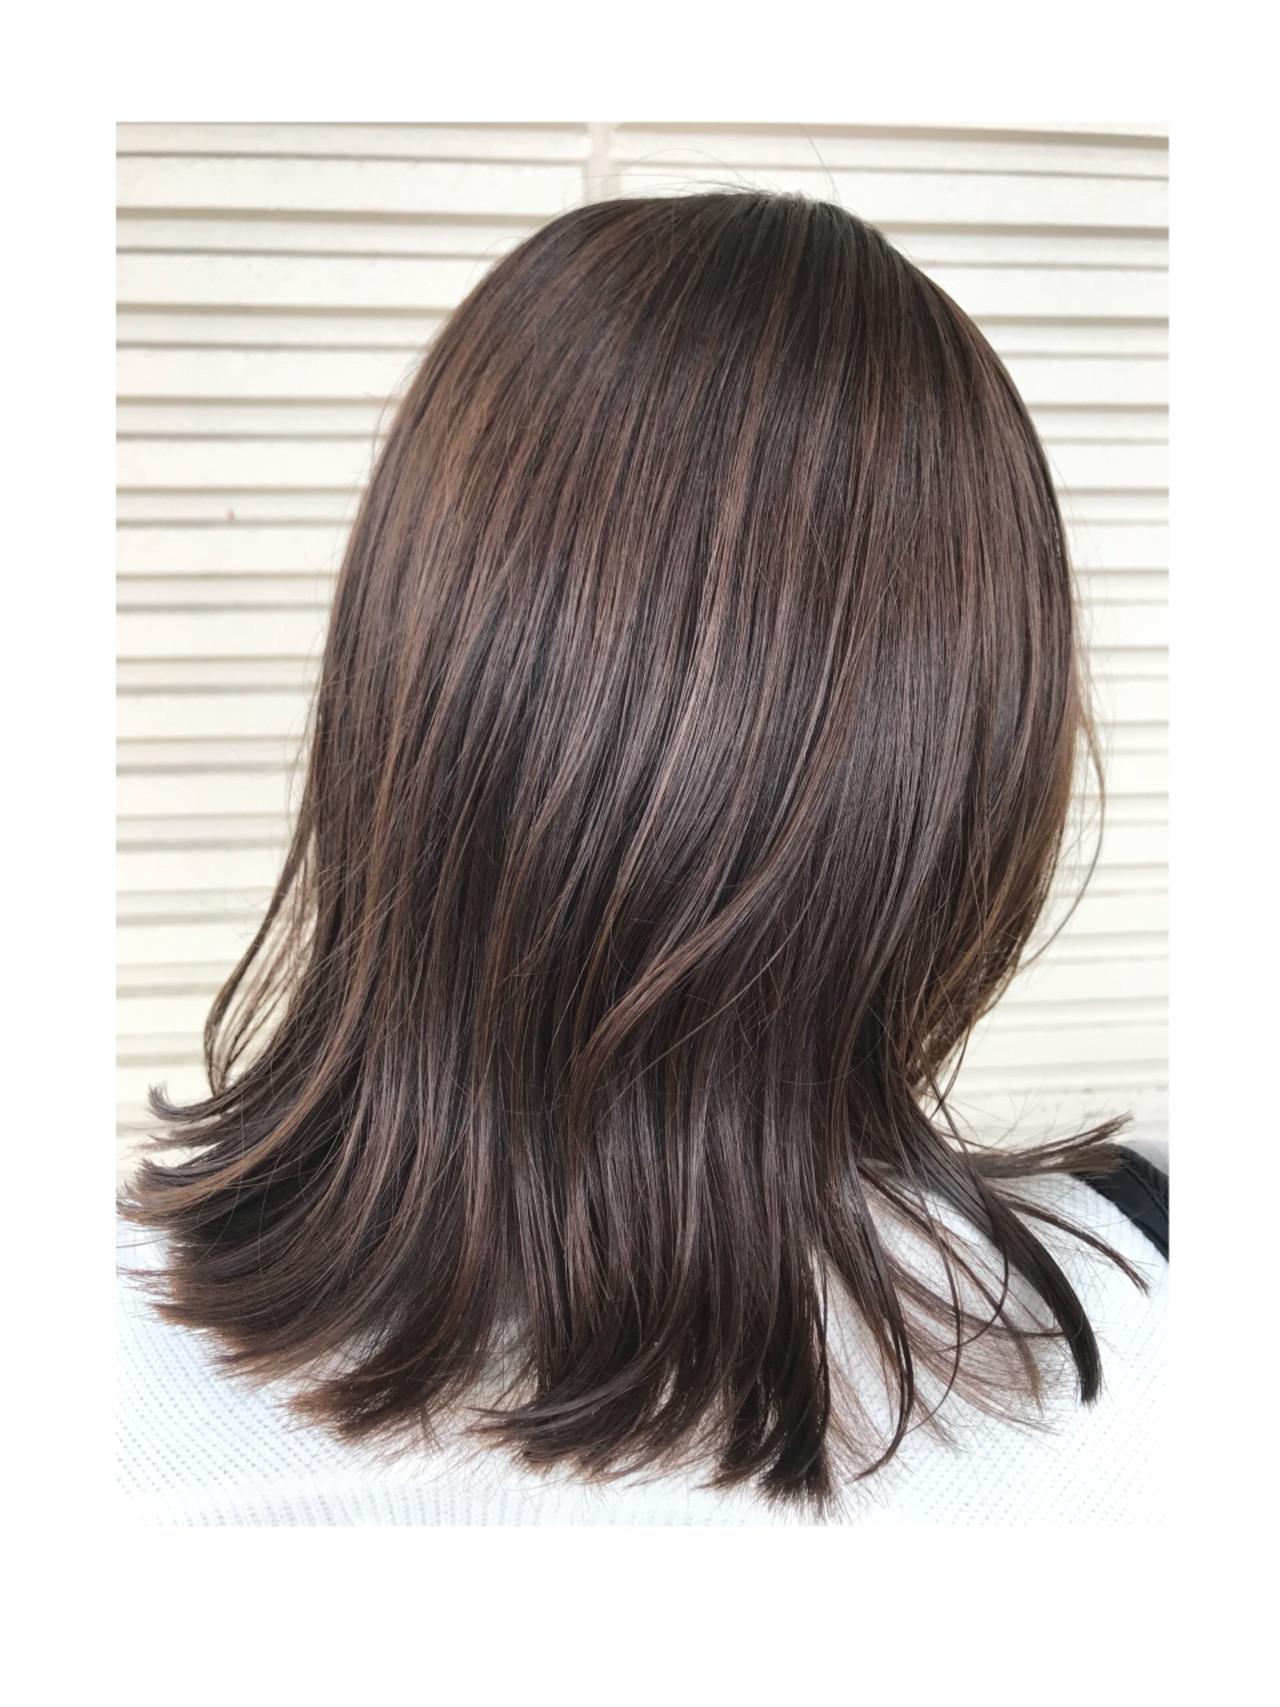 ナチュラル ラベンダーアッシュ グラデーションカラー ハイライト ヘアスタイルや髪型の写真・画像